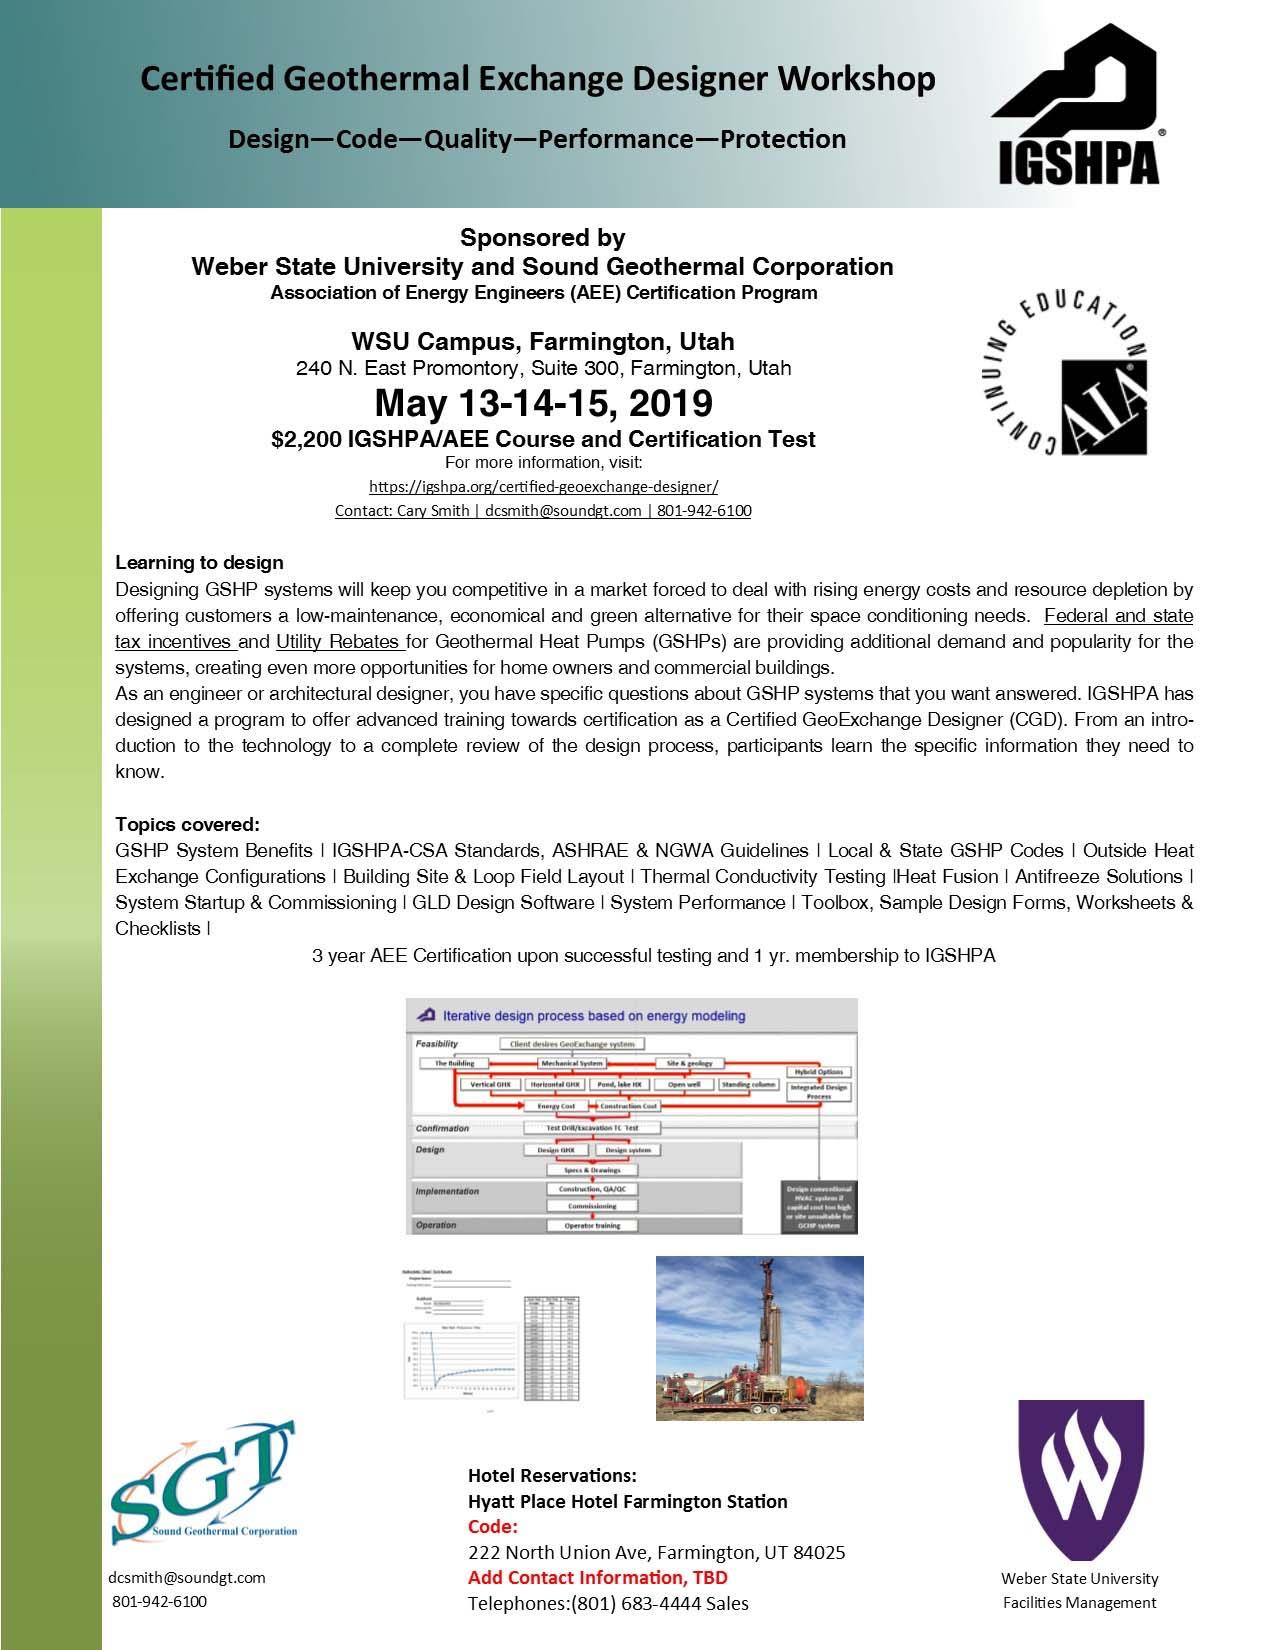 Certified Designer geothermal workshop